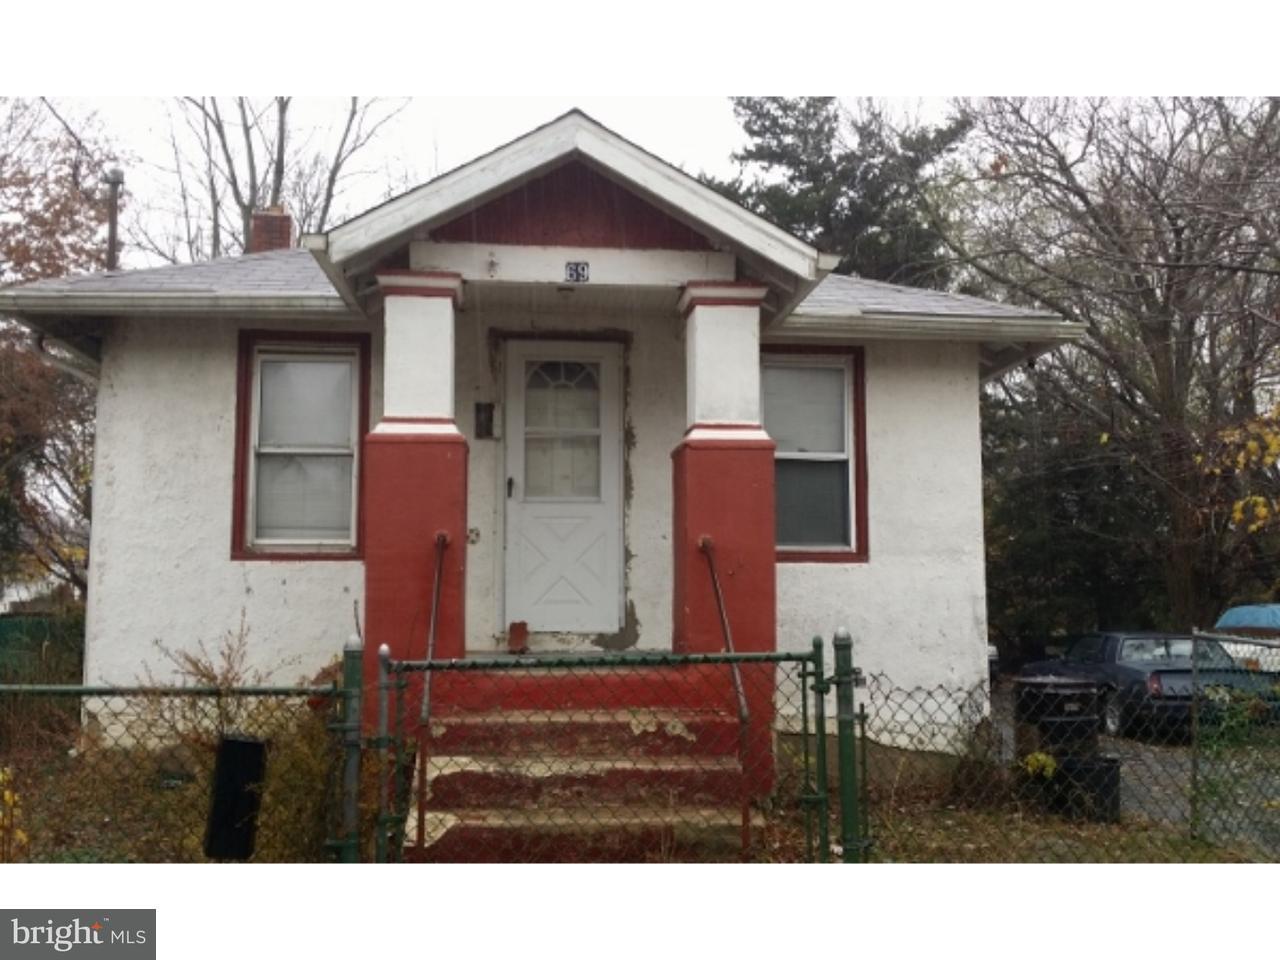 独户住宅 为 出租 在 69 THOMPSON Street 塞勒姆, 新泽西州 08079 美国